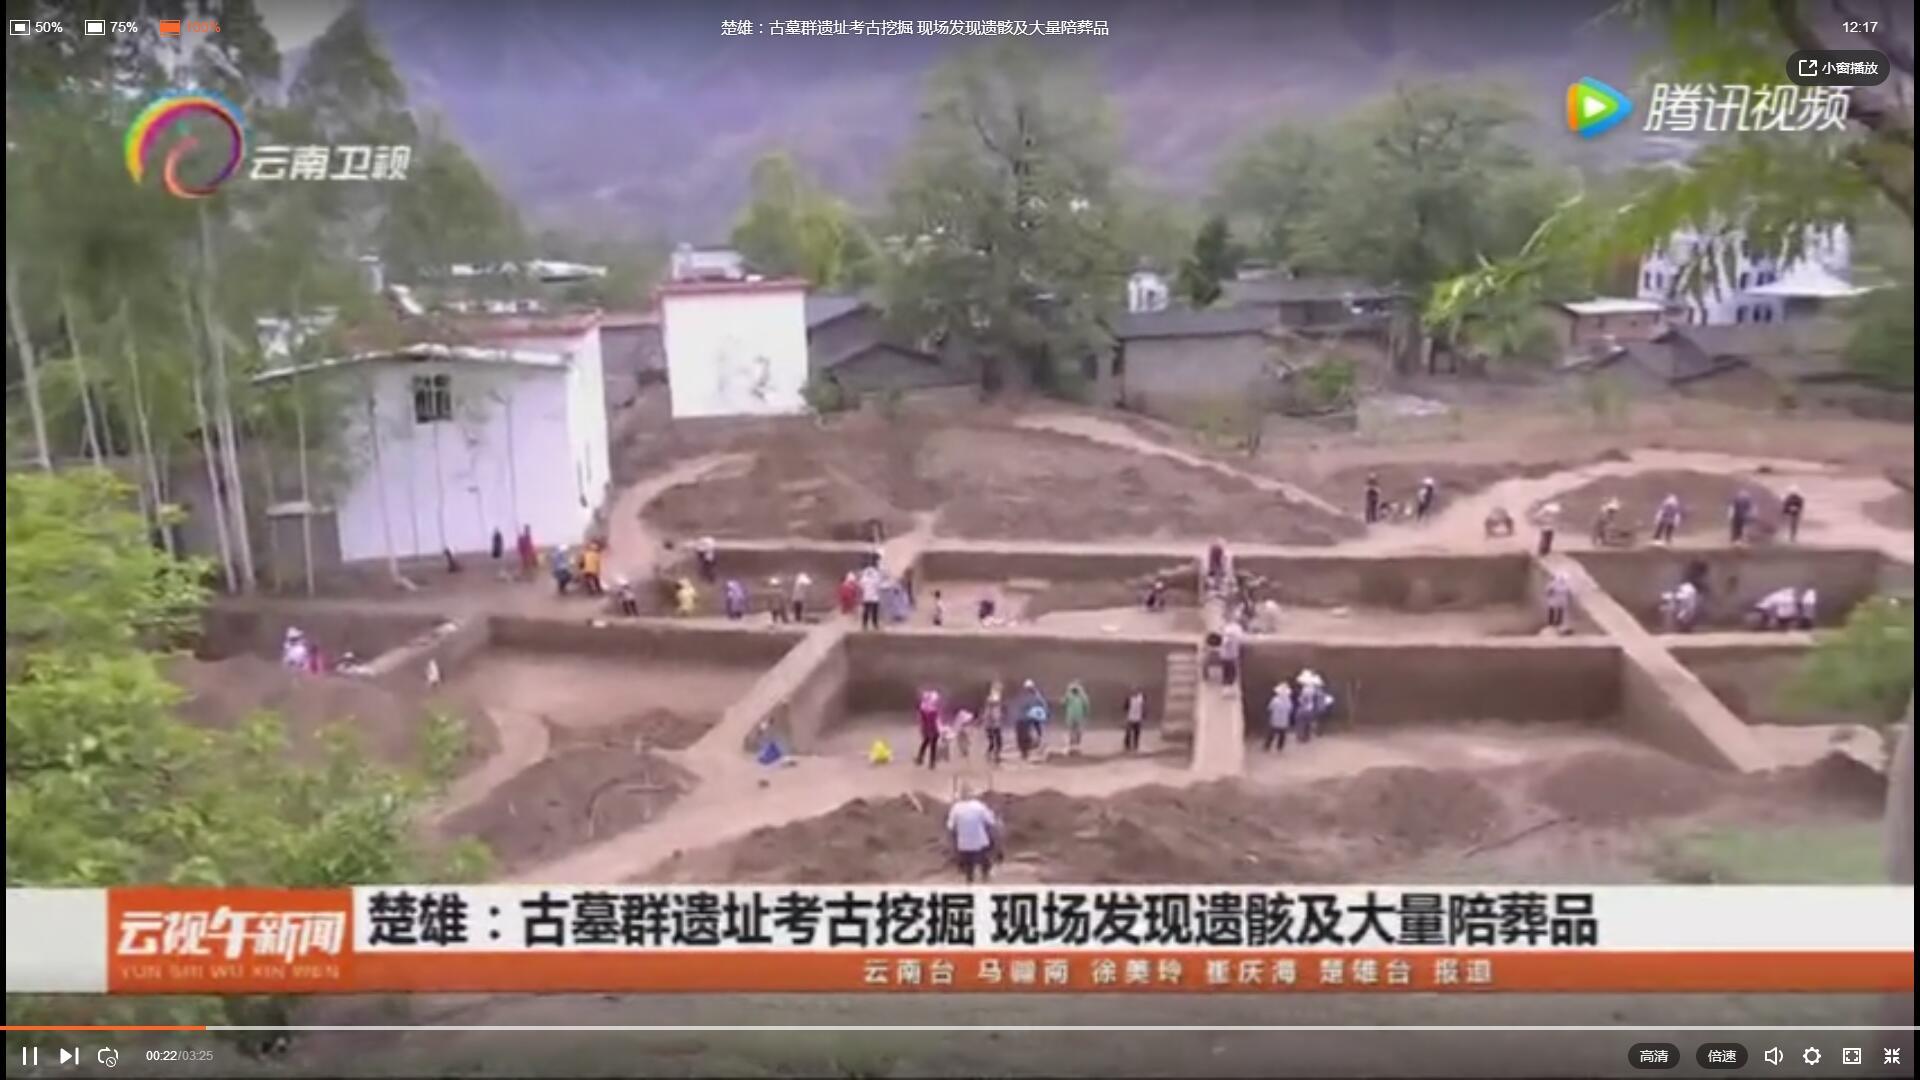 楚雄元谋古墓群遗址考古挖掘 现场发现遗骸及大量陪葬品